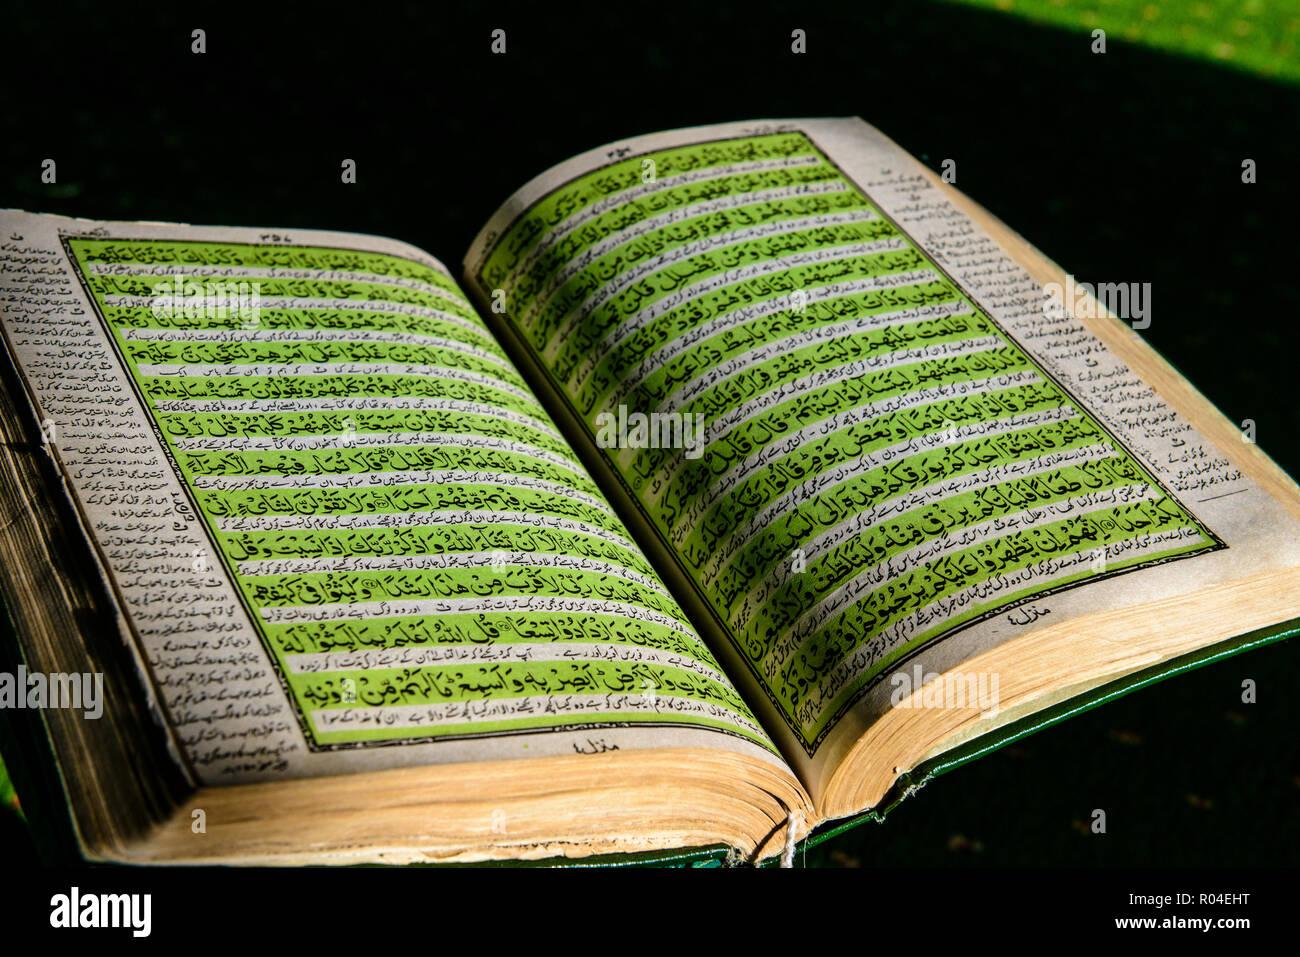 Recitation Stock Photos & Recitation Stock Images - Alamy